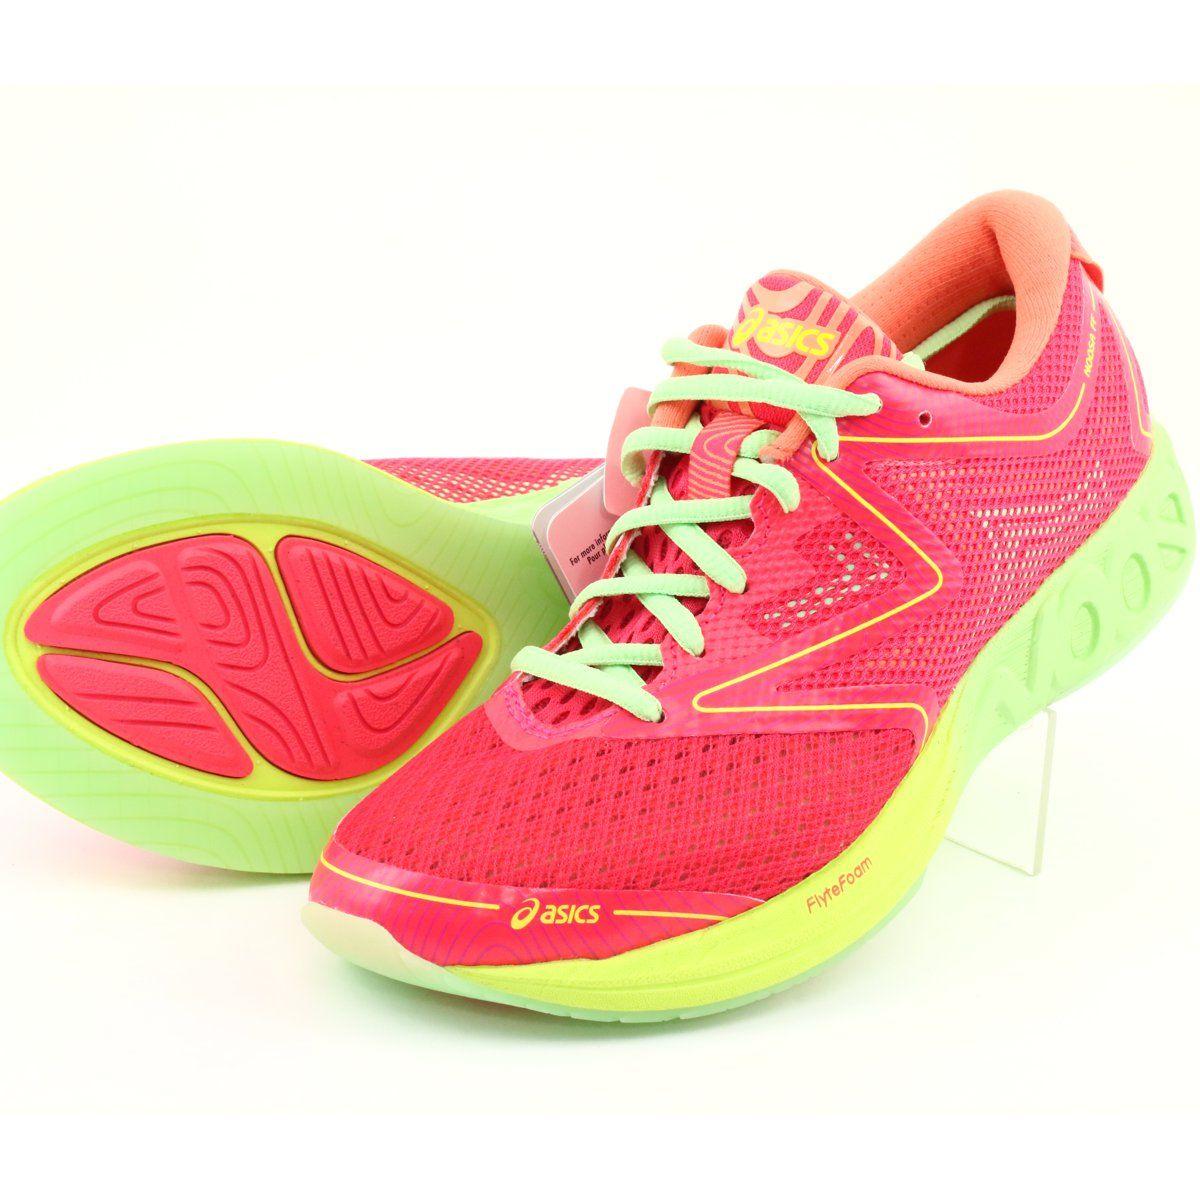 Buty Biegowe Asics Noosa Ff W T772n 2087 Czerwone Pomaranczowe Zielone Zolte Running Shoes Asics Running Shoes Shoes